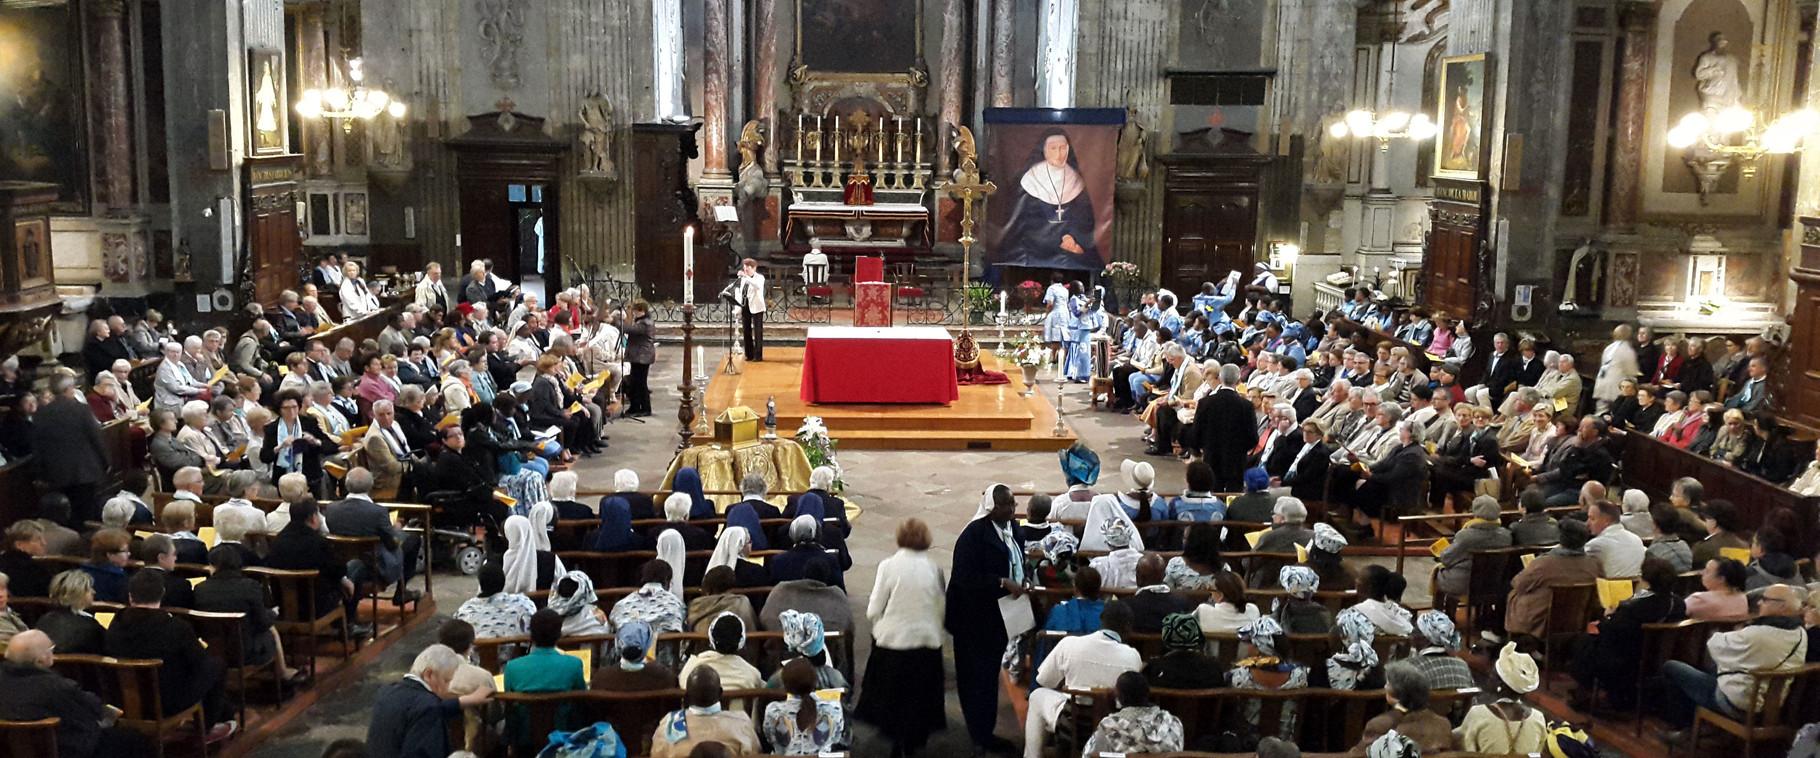 Castres : Saint Benoit Messe d'action de grâces